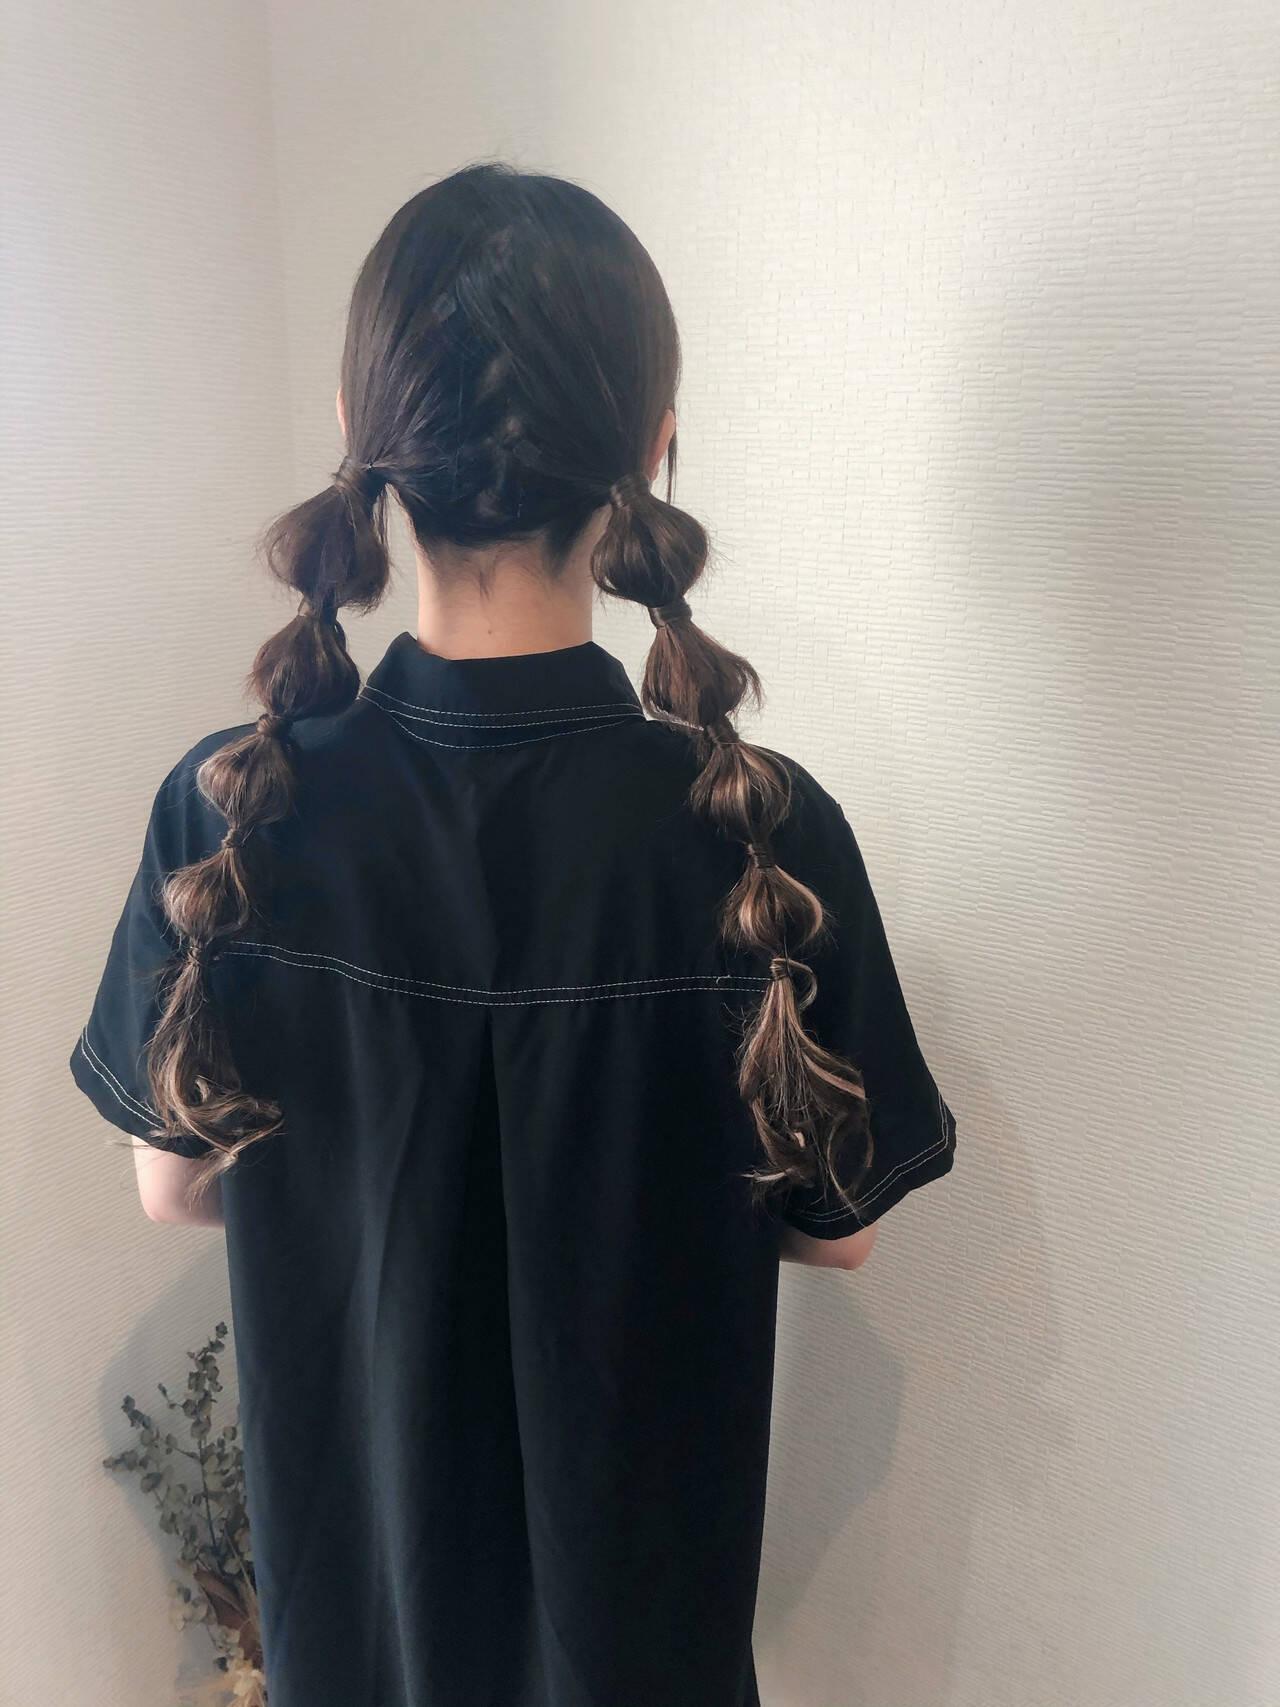 ヘアセット ツインテール フェミニン 玉ねぎヘアスタイルや髪型の写真・画像